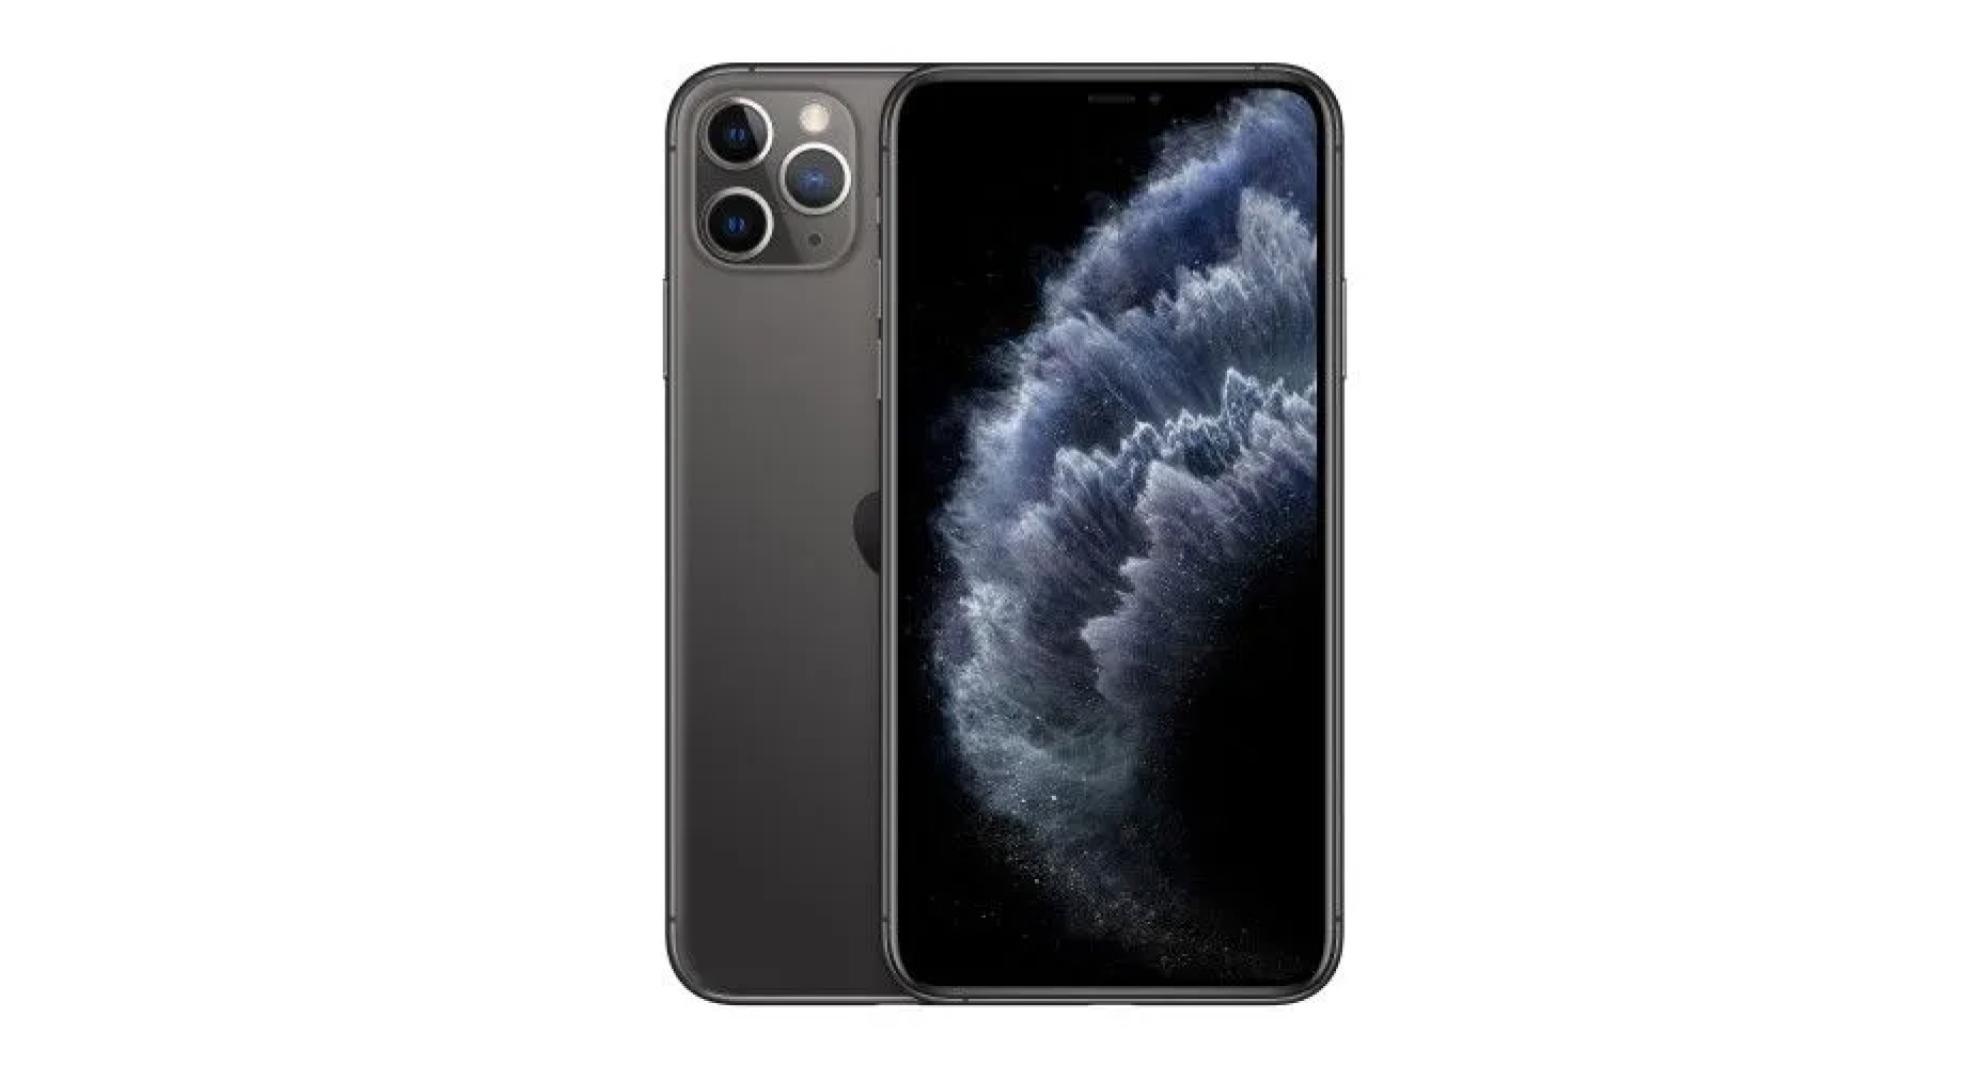 L'iPhone11 Pro Max passe sous la barre des 1000euros